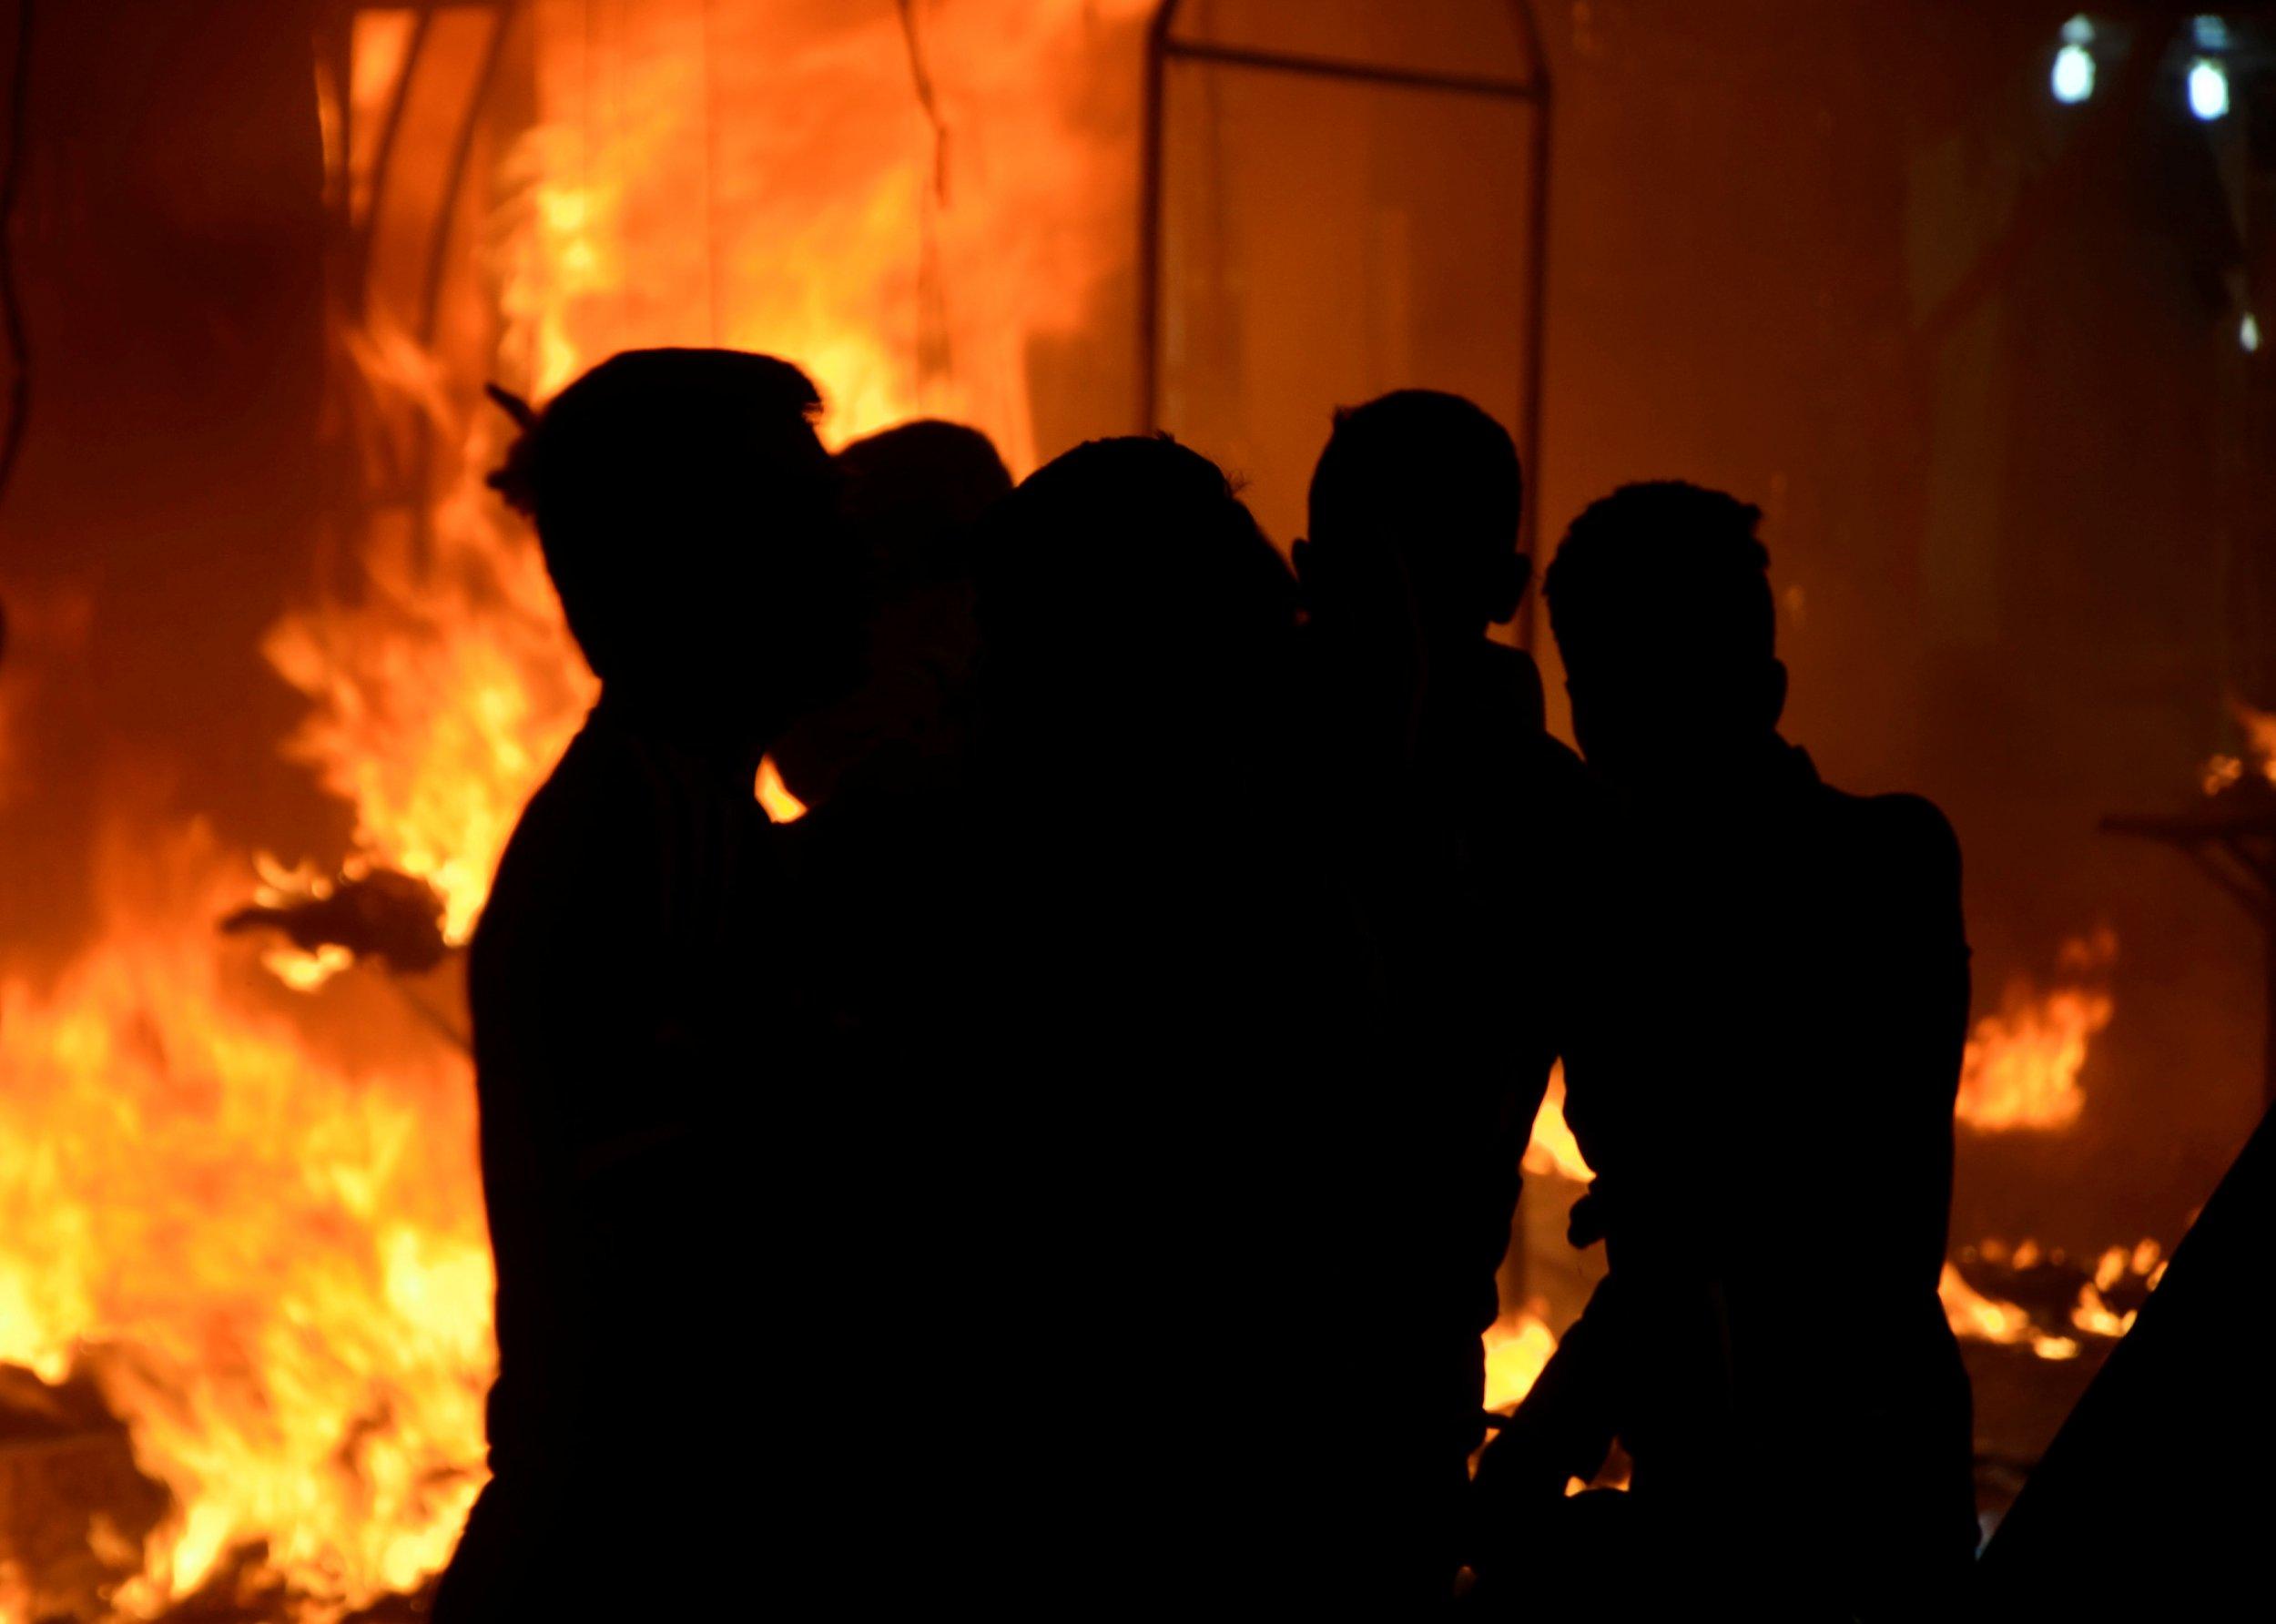 03_28_Mosul_attack_01